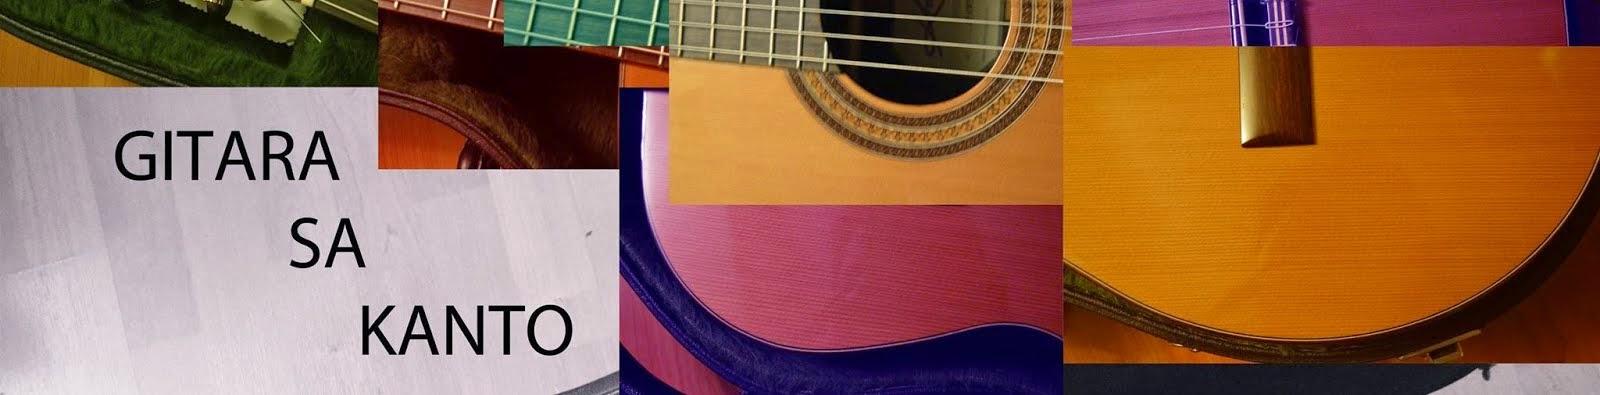 Gitara Sa Kanto